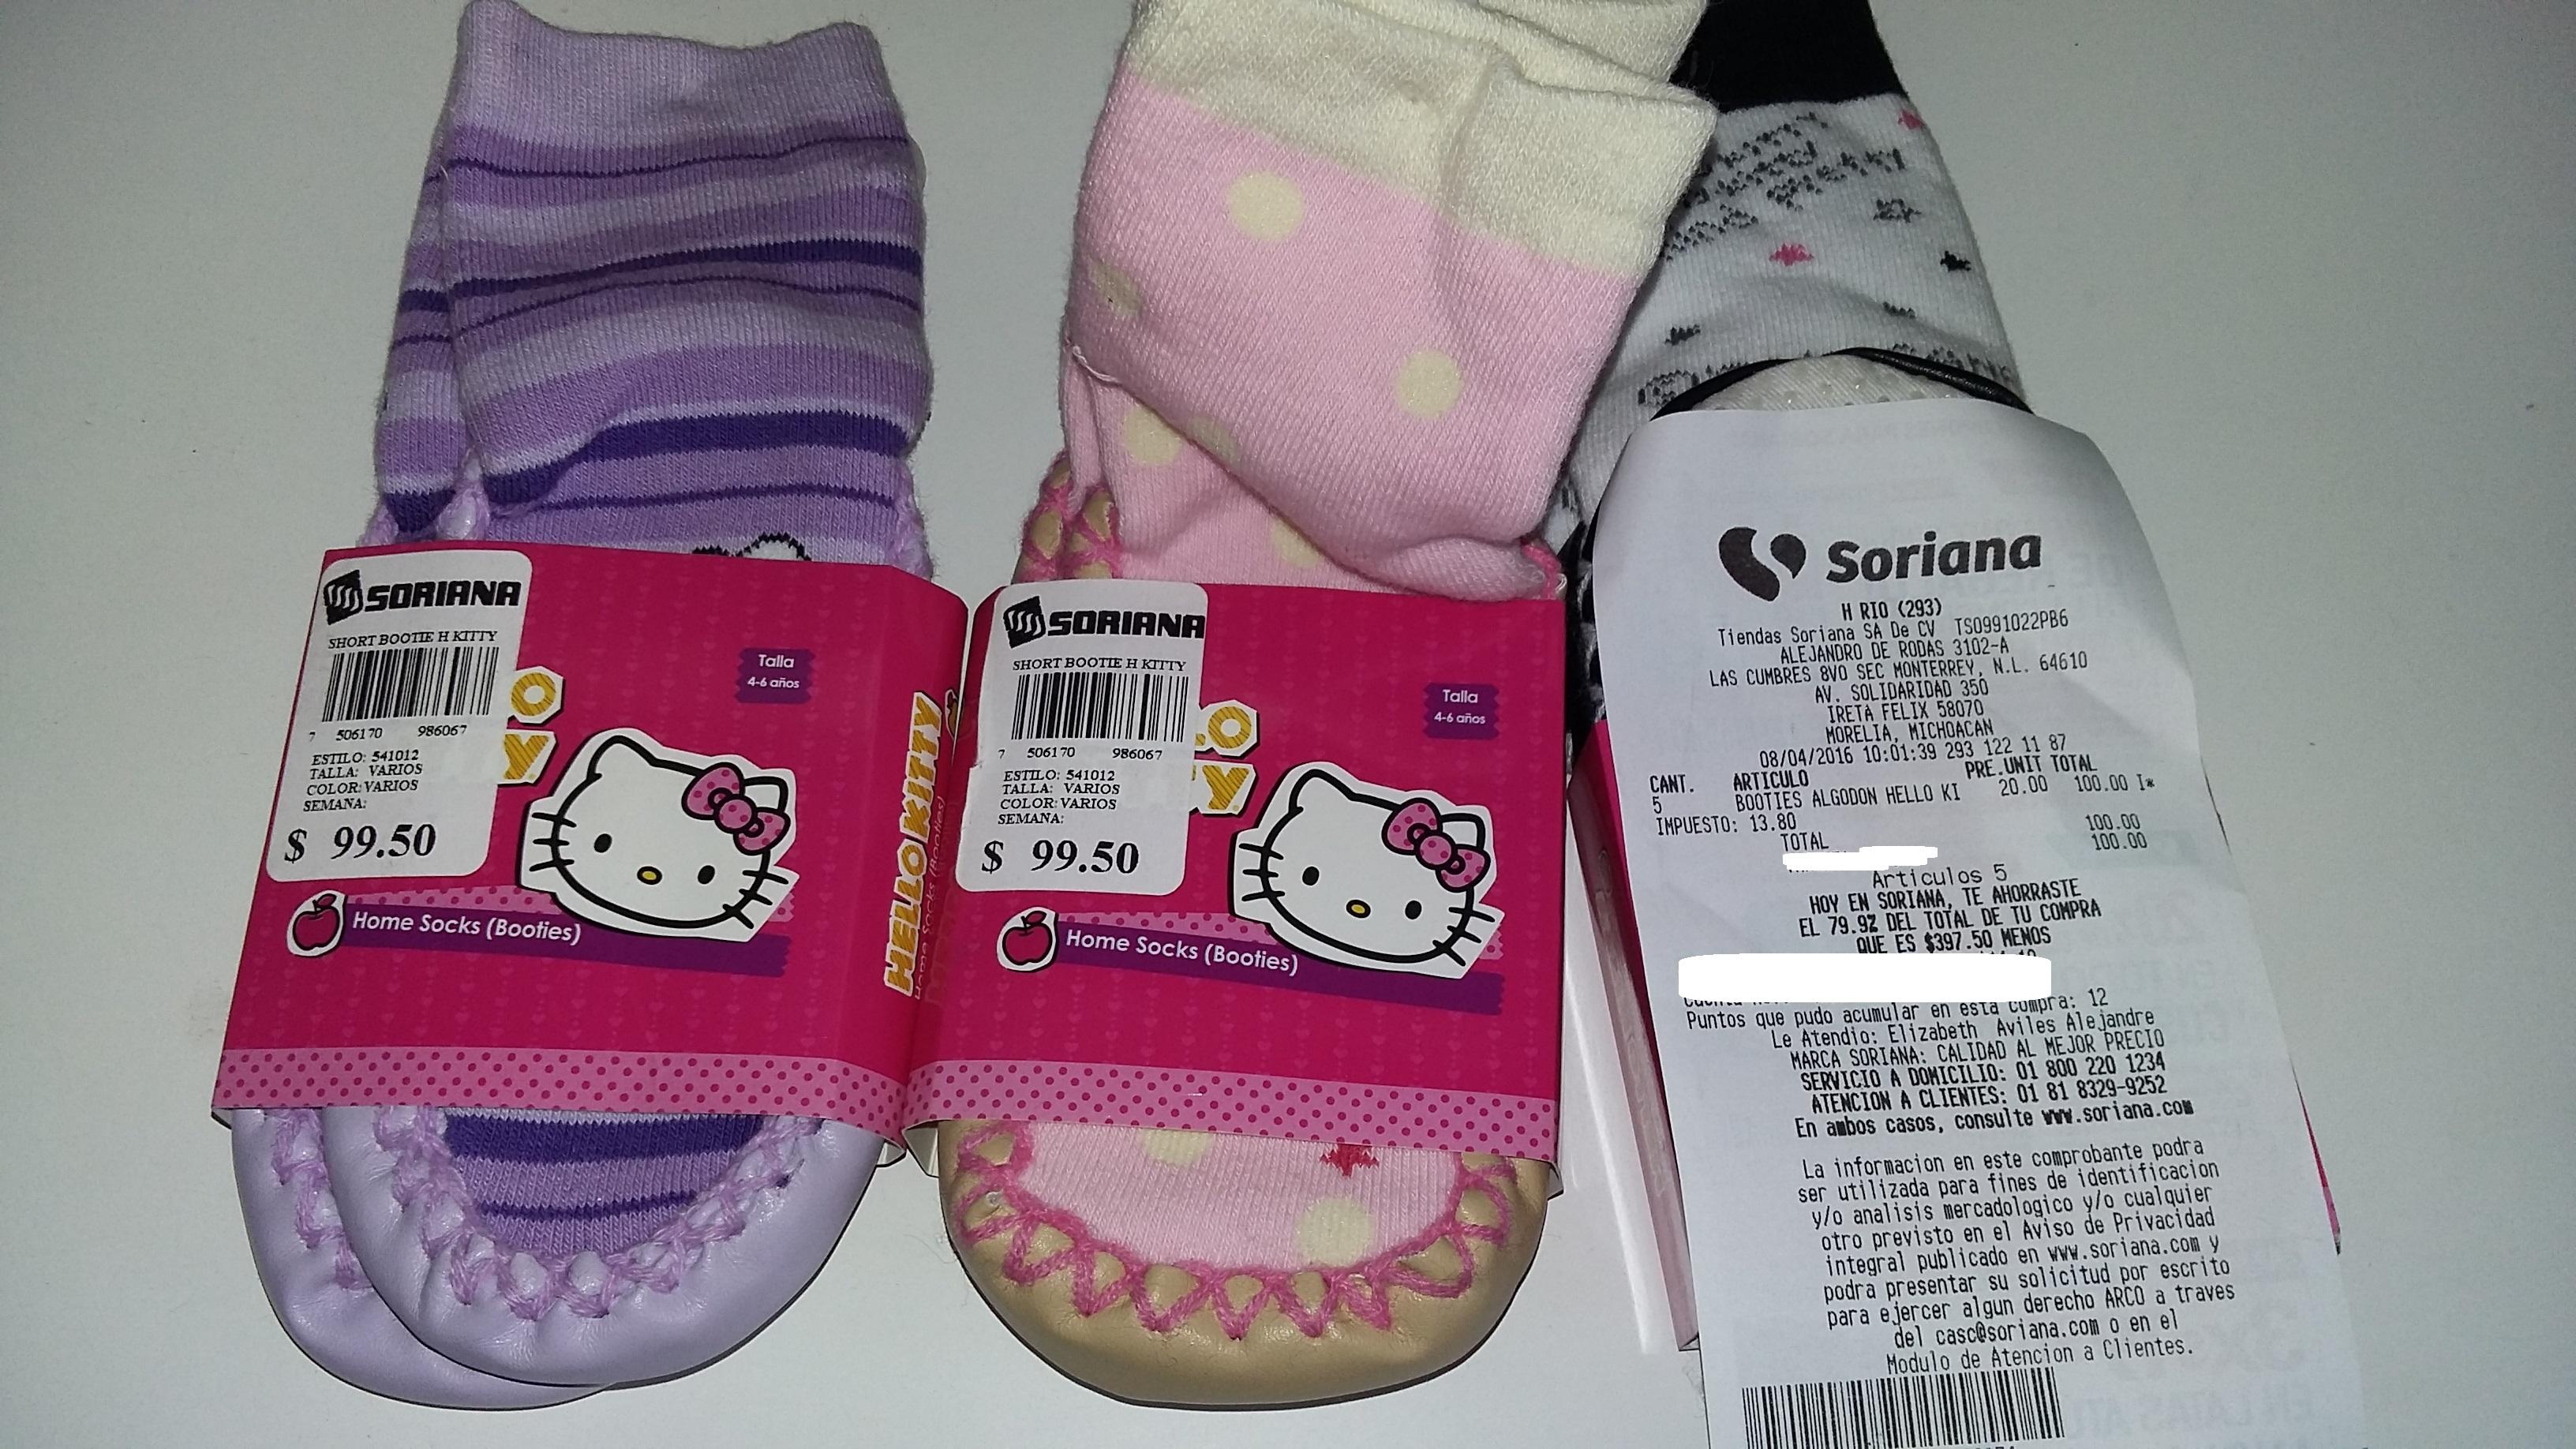 Soriana Hiper Río Morelia: calcetín con suela Hello Kitty a $20